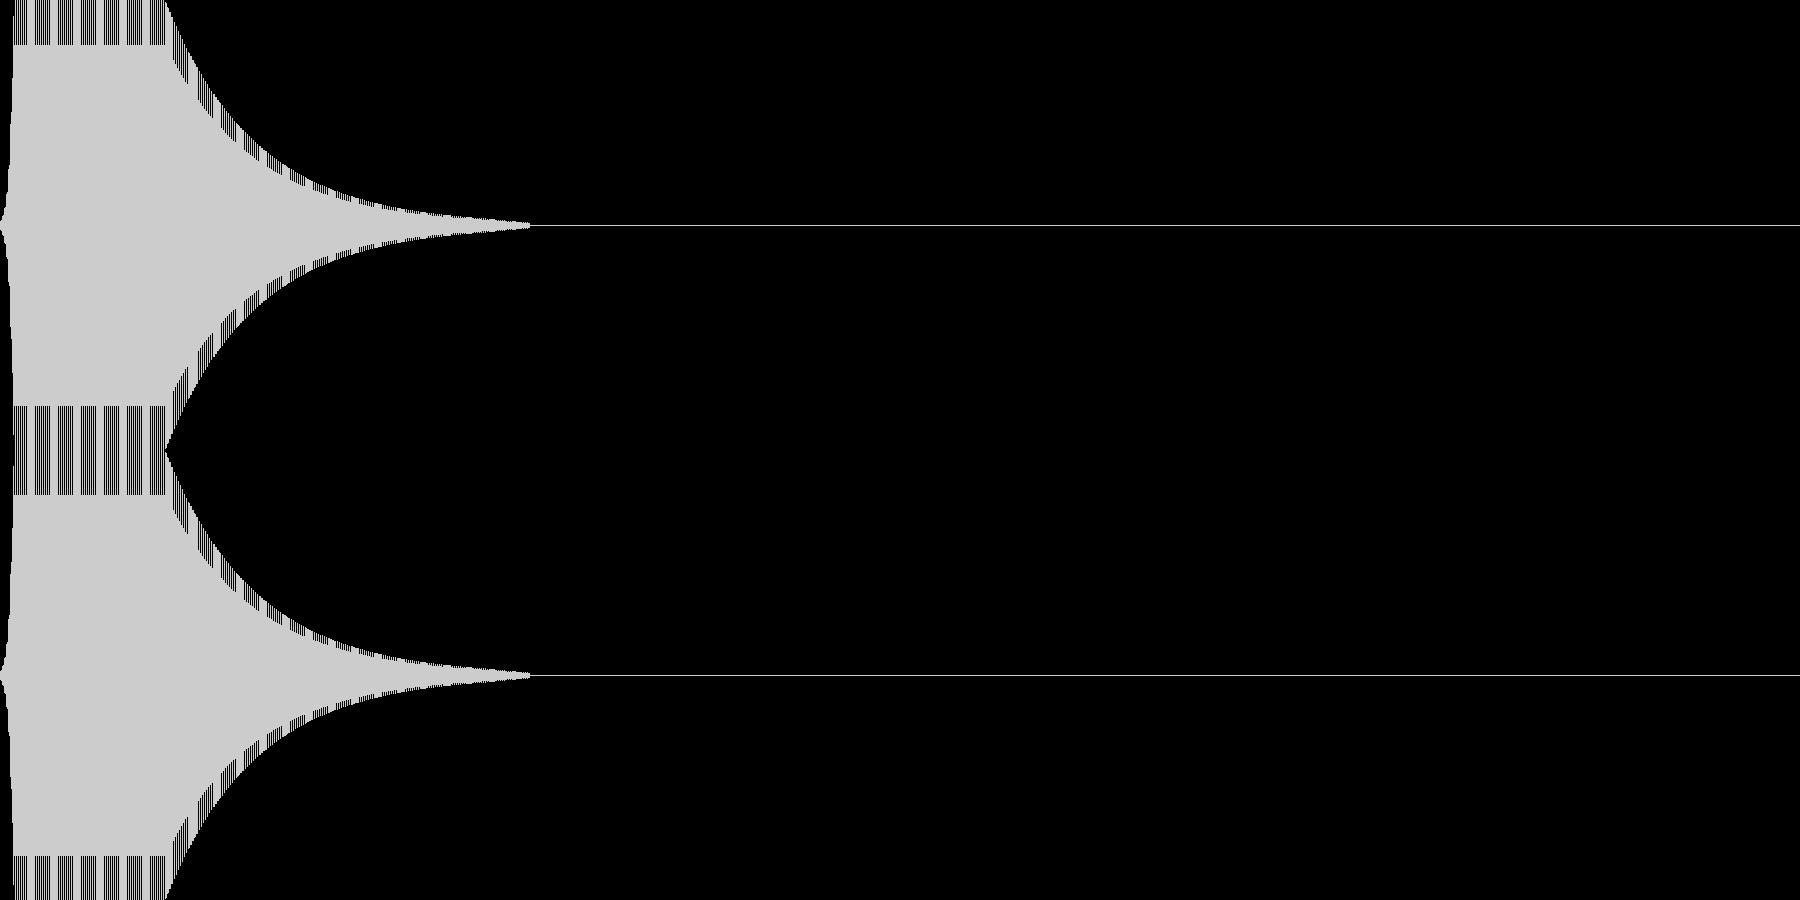 ジャン_金属質(click_011_)の未再生の波形